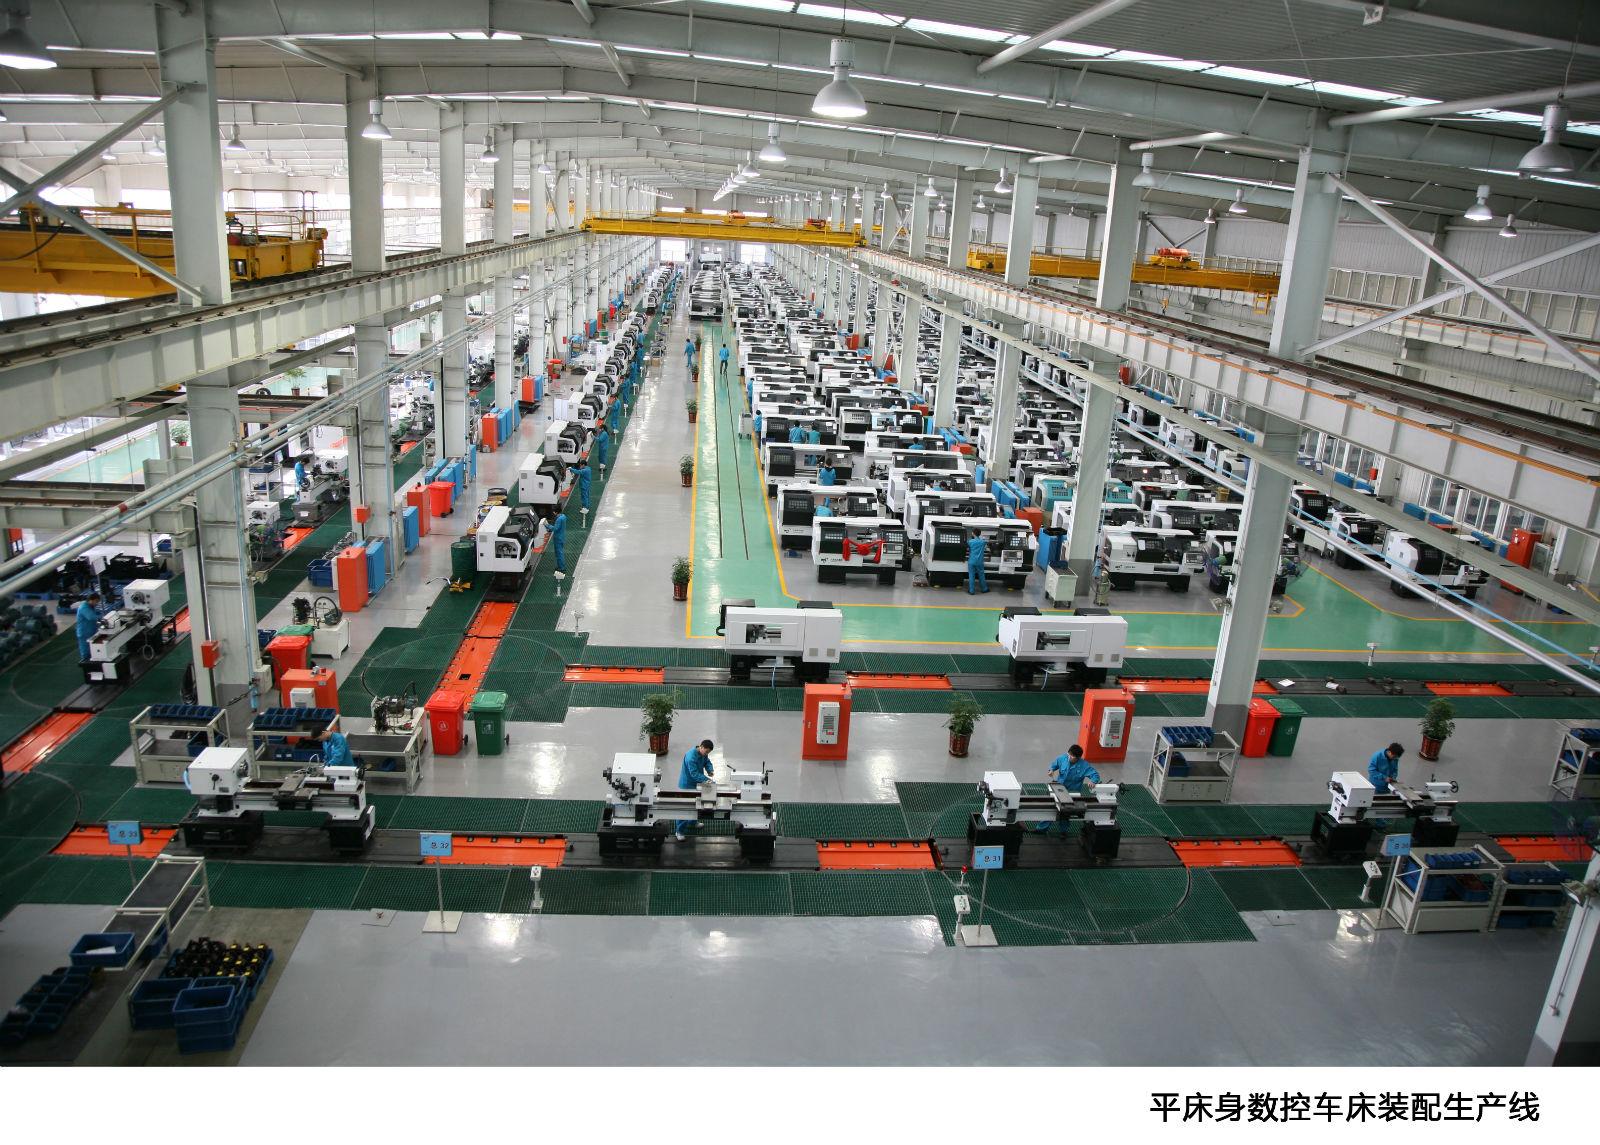 """大连机床集团始建于1948年,以几十个行业领先而闻名全国,是全国机床工具行业的排头兵企业,连续十年蝉联中国工业行业排头兵榜单。今天的大连机床集团麾下拥有全资、合资、控股及参股子公司40多个,其中与德国、日本、韩国、美国、瑞士等国家成立的合资公司有8个,并购美国英格索尔两个子公司(全资),并且已经由过去单一的机床产业发展成今天的现代化新厂区及""""一个中心""""、""""两个基地""""、""""一个园区"""",多种产业并举、走出国门向全球发展的大型产业化集团。"""